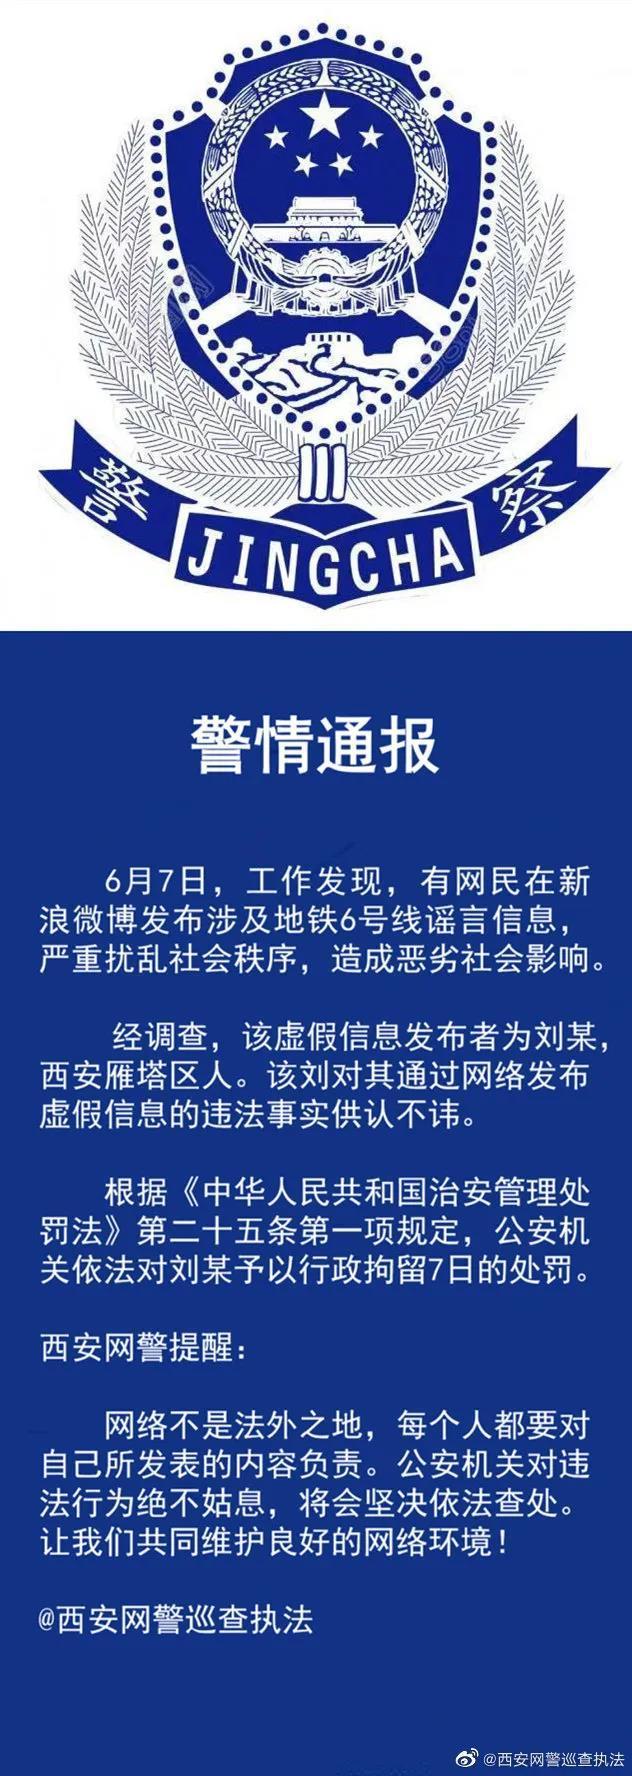 西安一男子发布谣言信息,被行政拘留7天